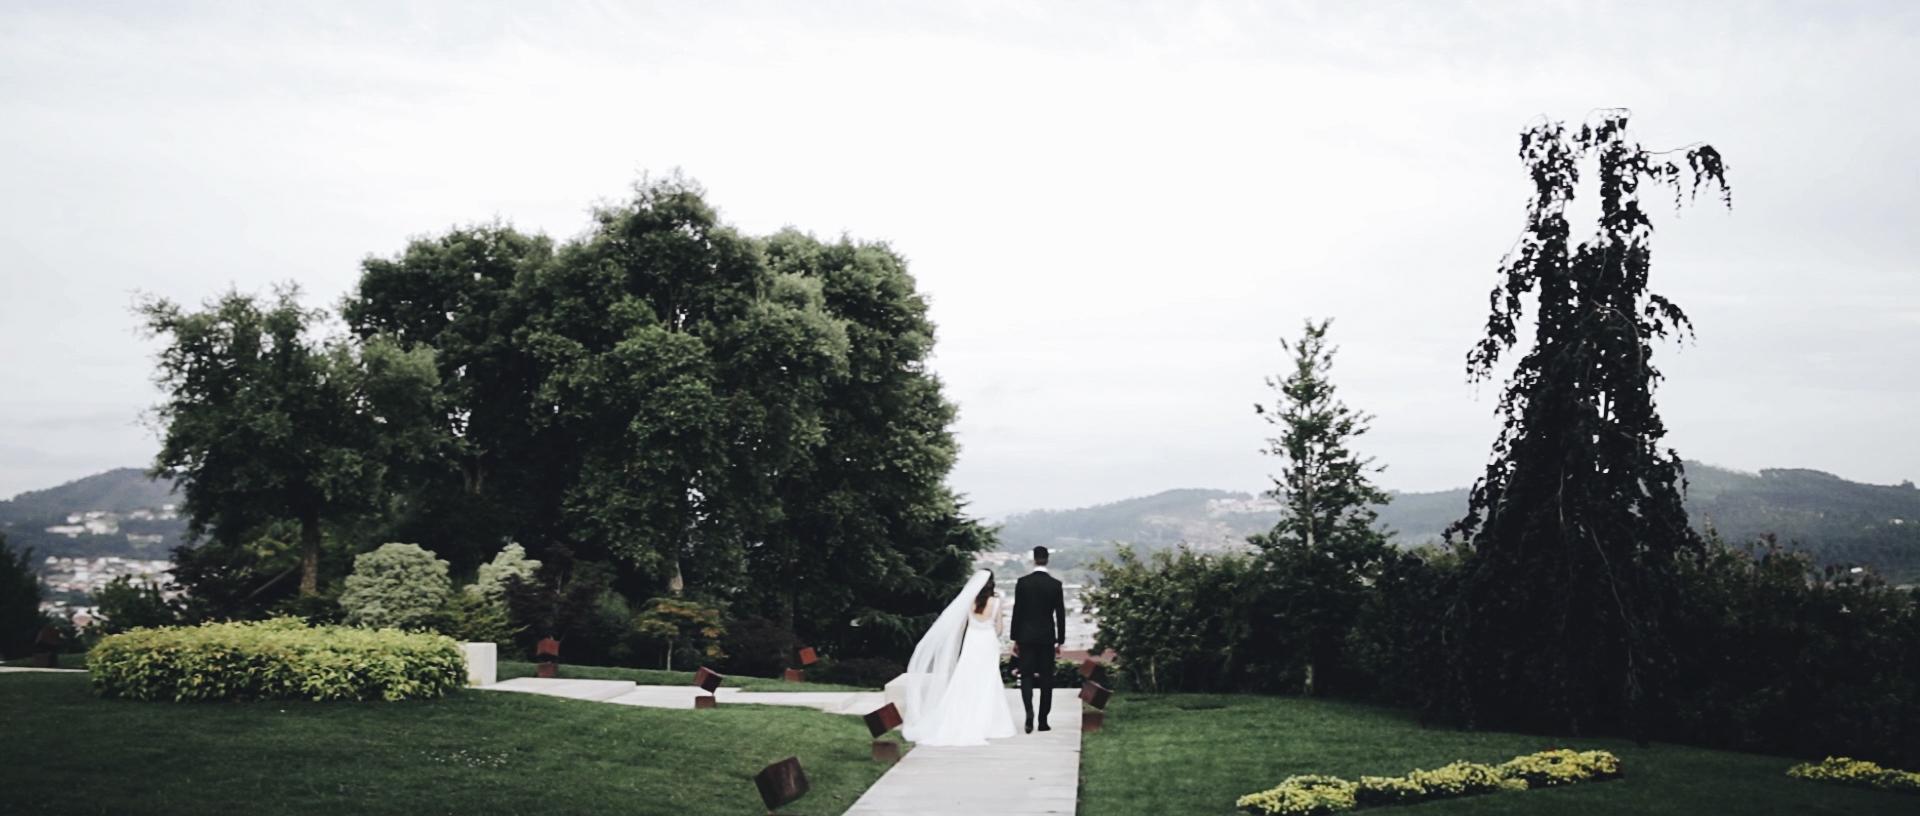 Highlights - A film of between 5 and 7 minutes, that shows the best of the best moments, captured and lived on the day. The edition process allows us to create an intense and unique final product.______________________________________Filme de 5-7 minutos que espelha o melhor do que foi capturado e vivido no dia do casamento. A montagem do filme permite um produto final intenso e único.